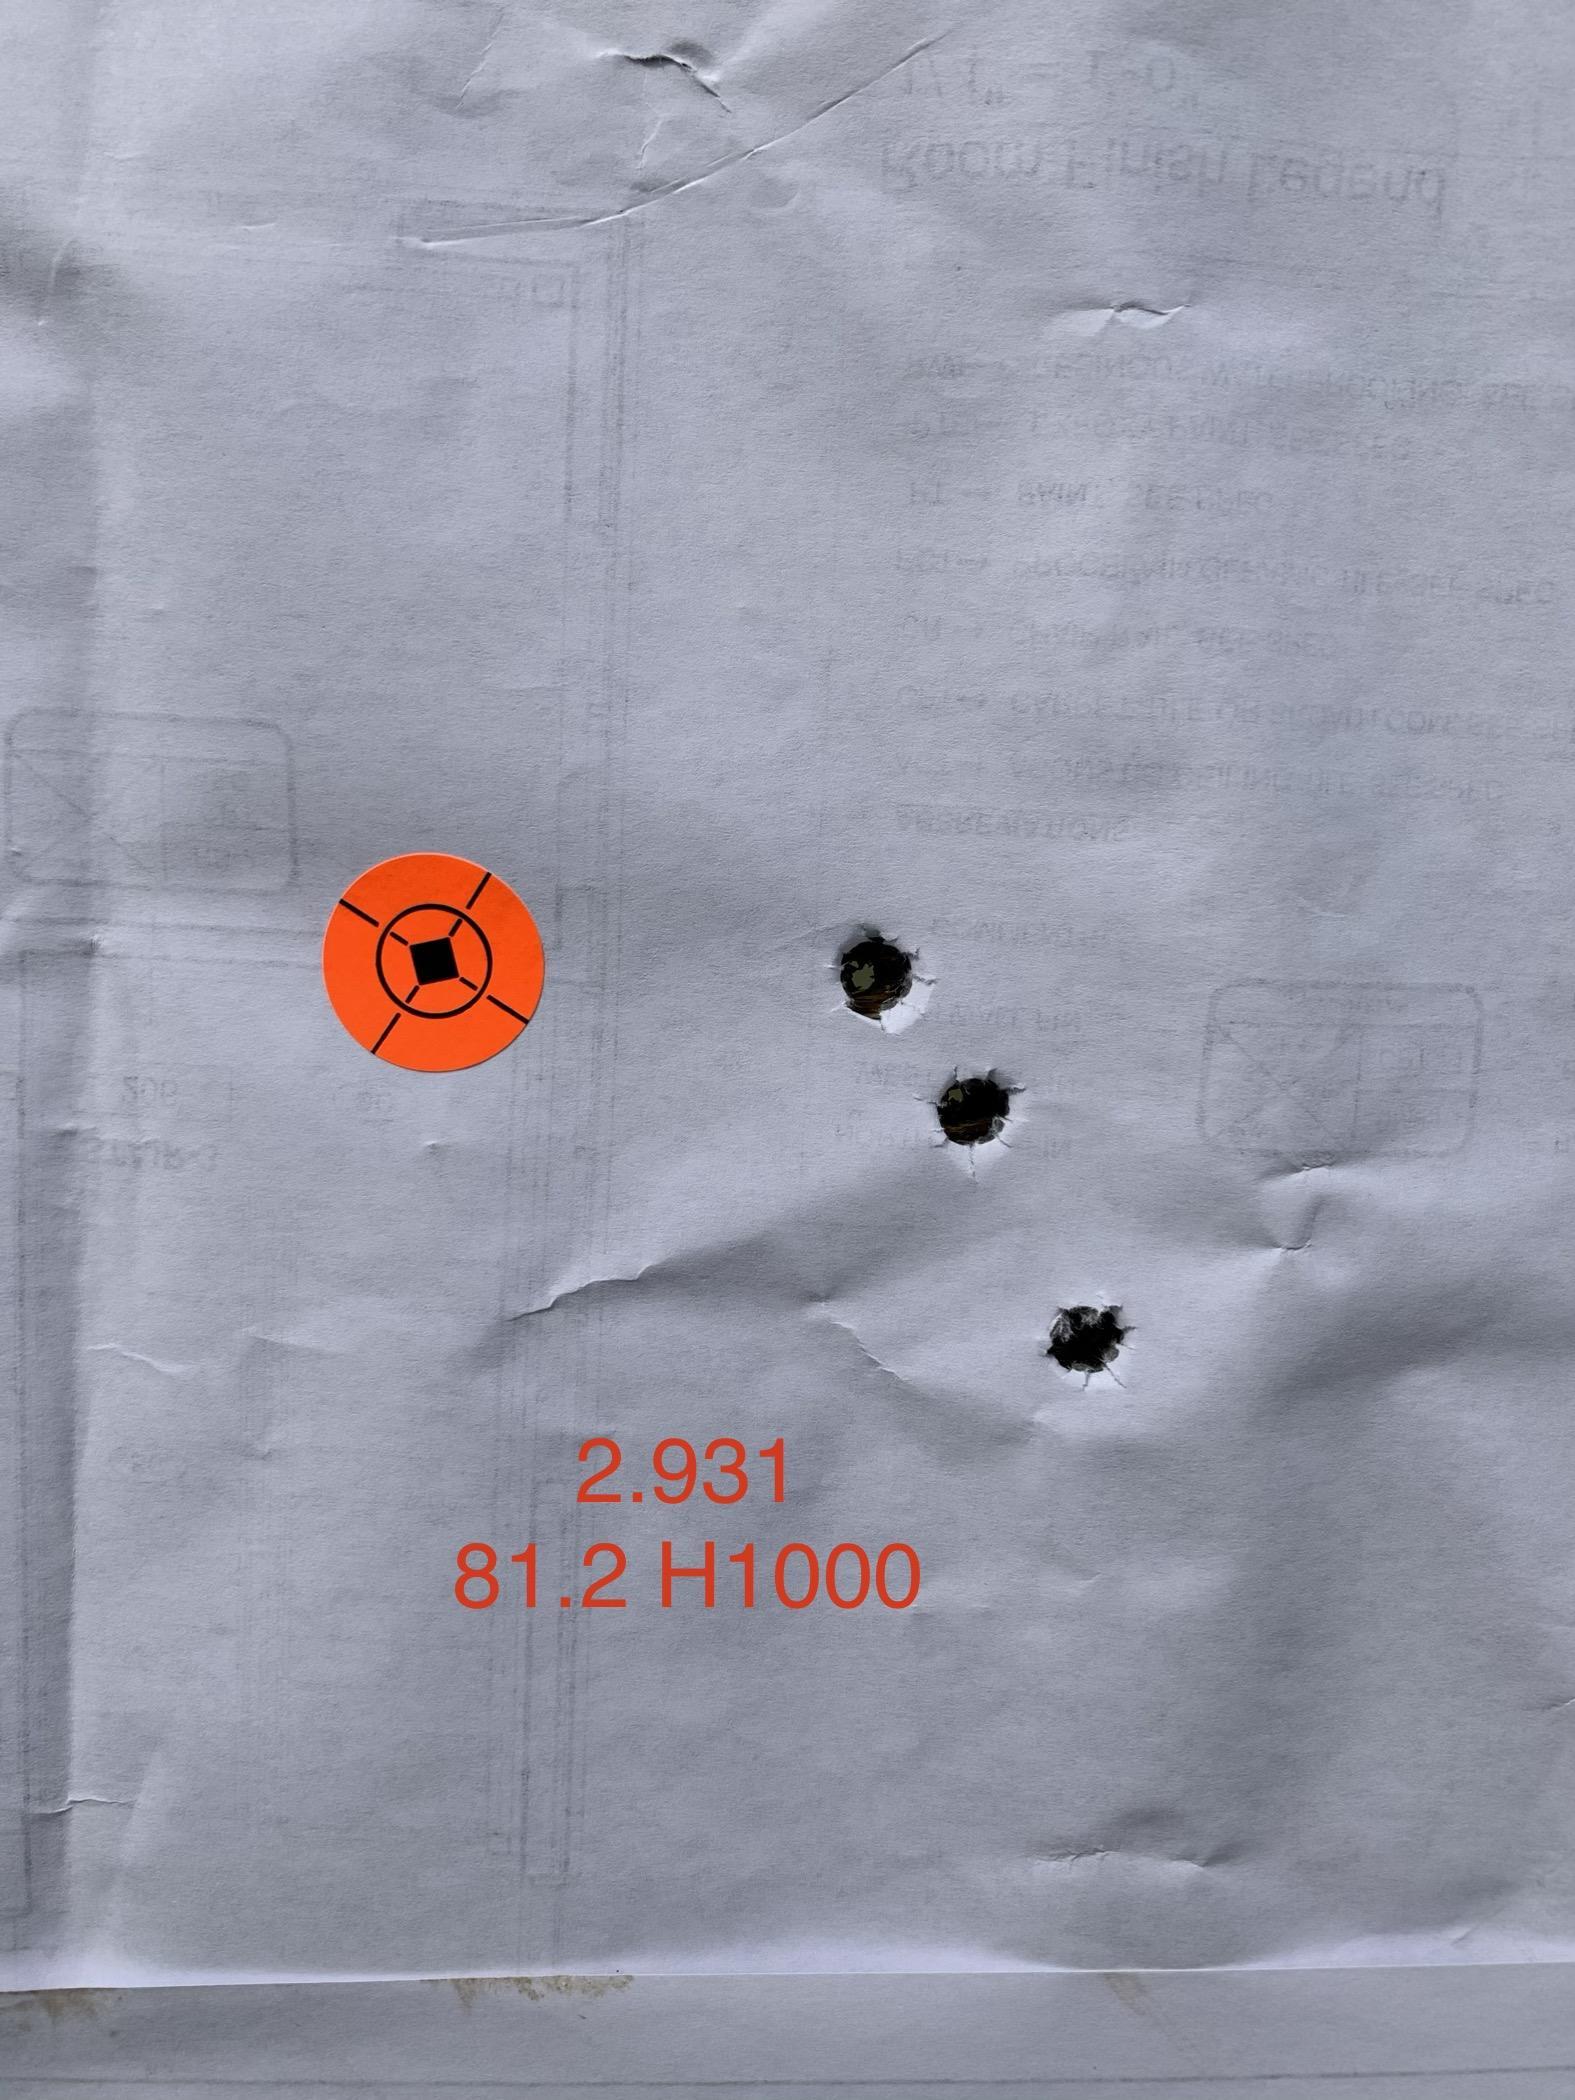 98D75A08-C668-49D6-9601-28F93FB340D6.jpeg